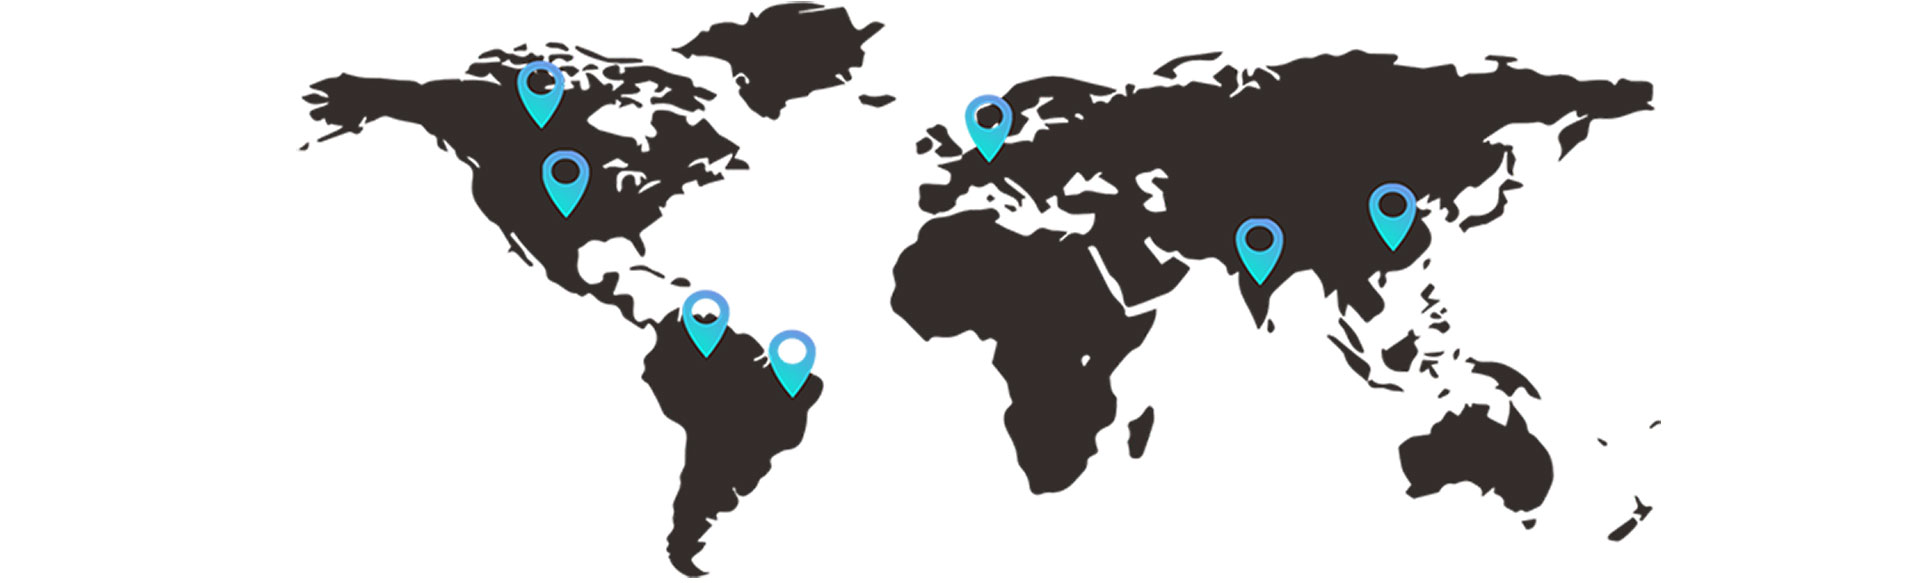 Partner Map Img